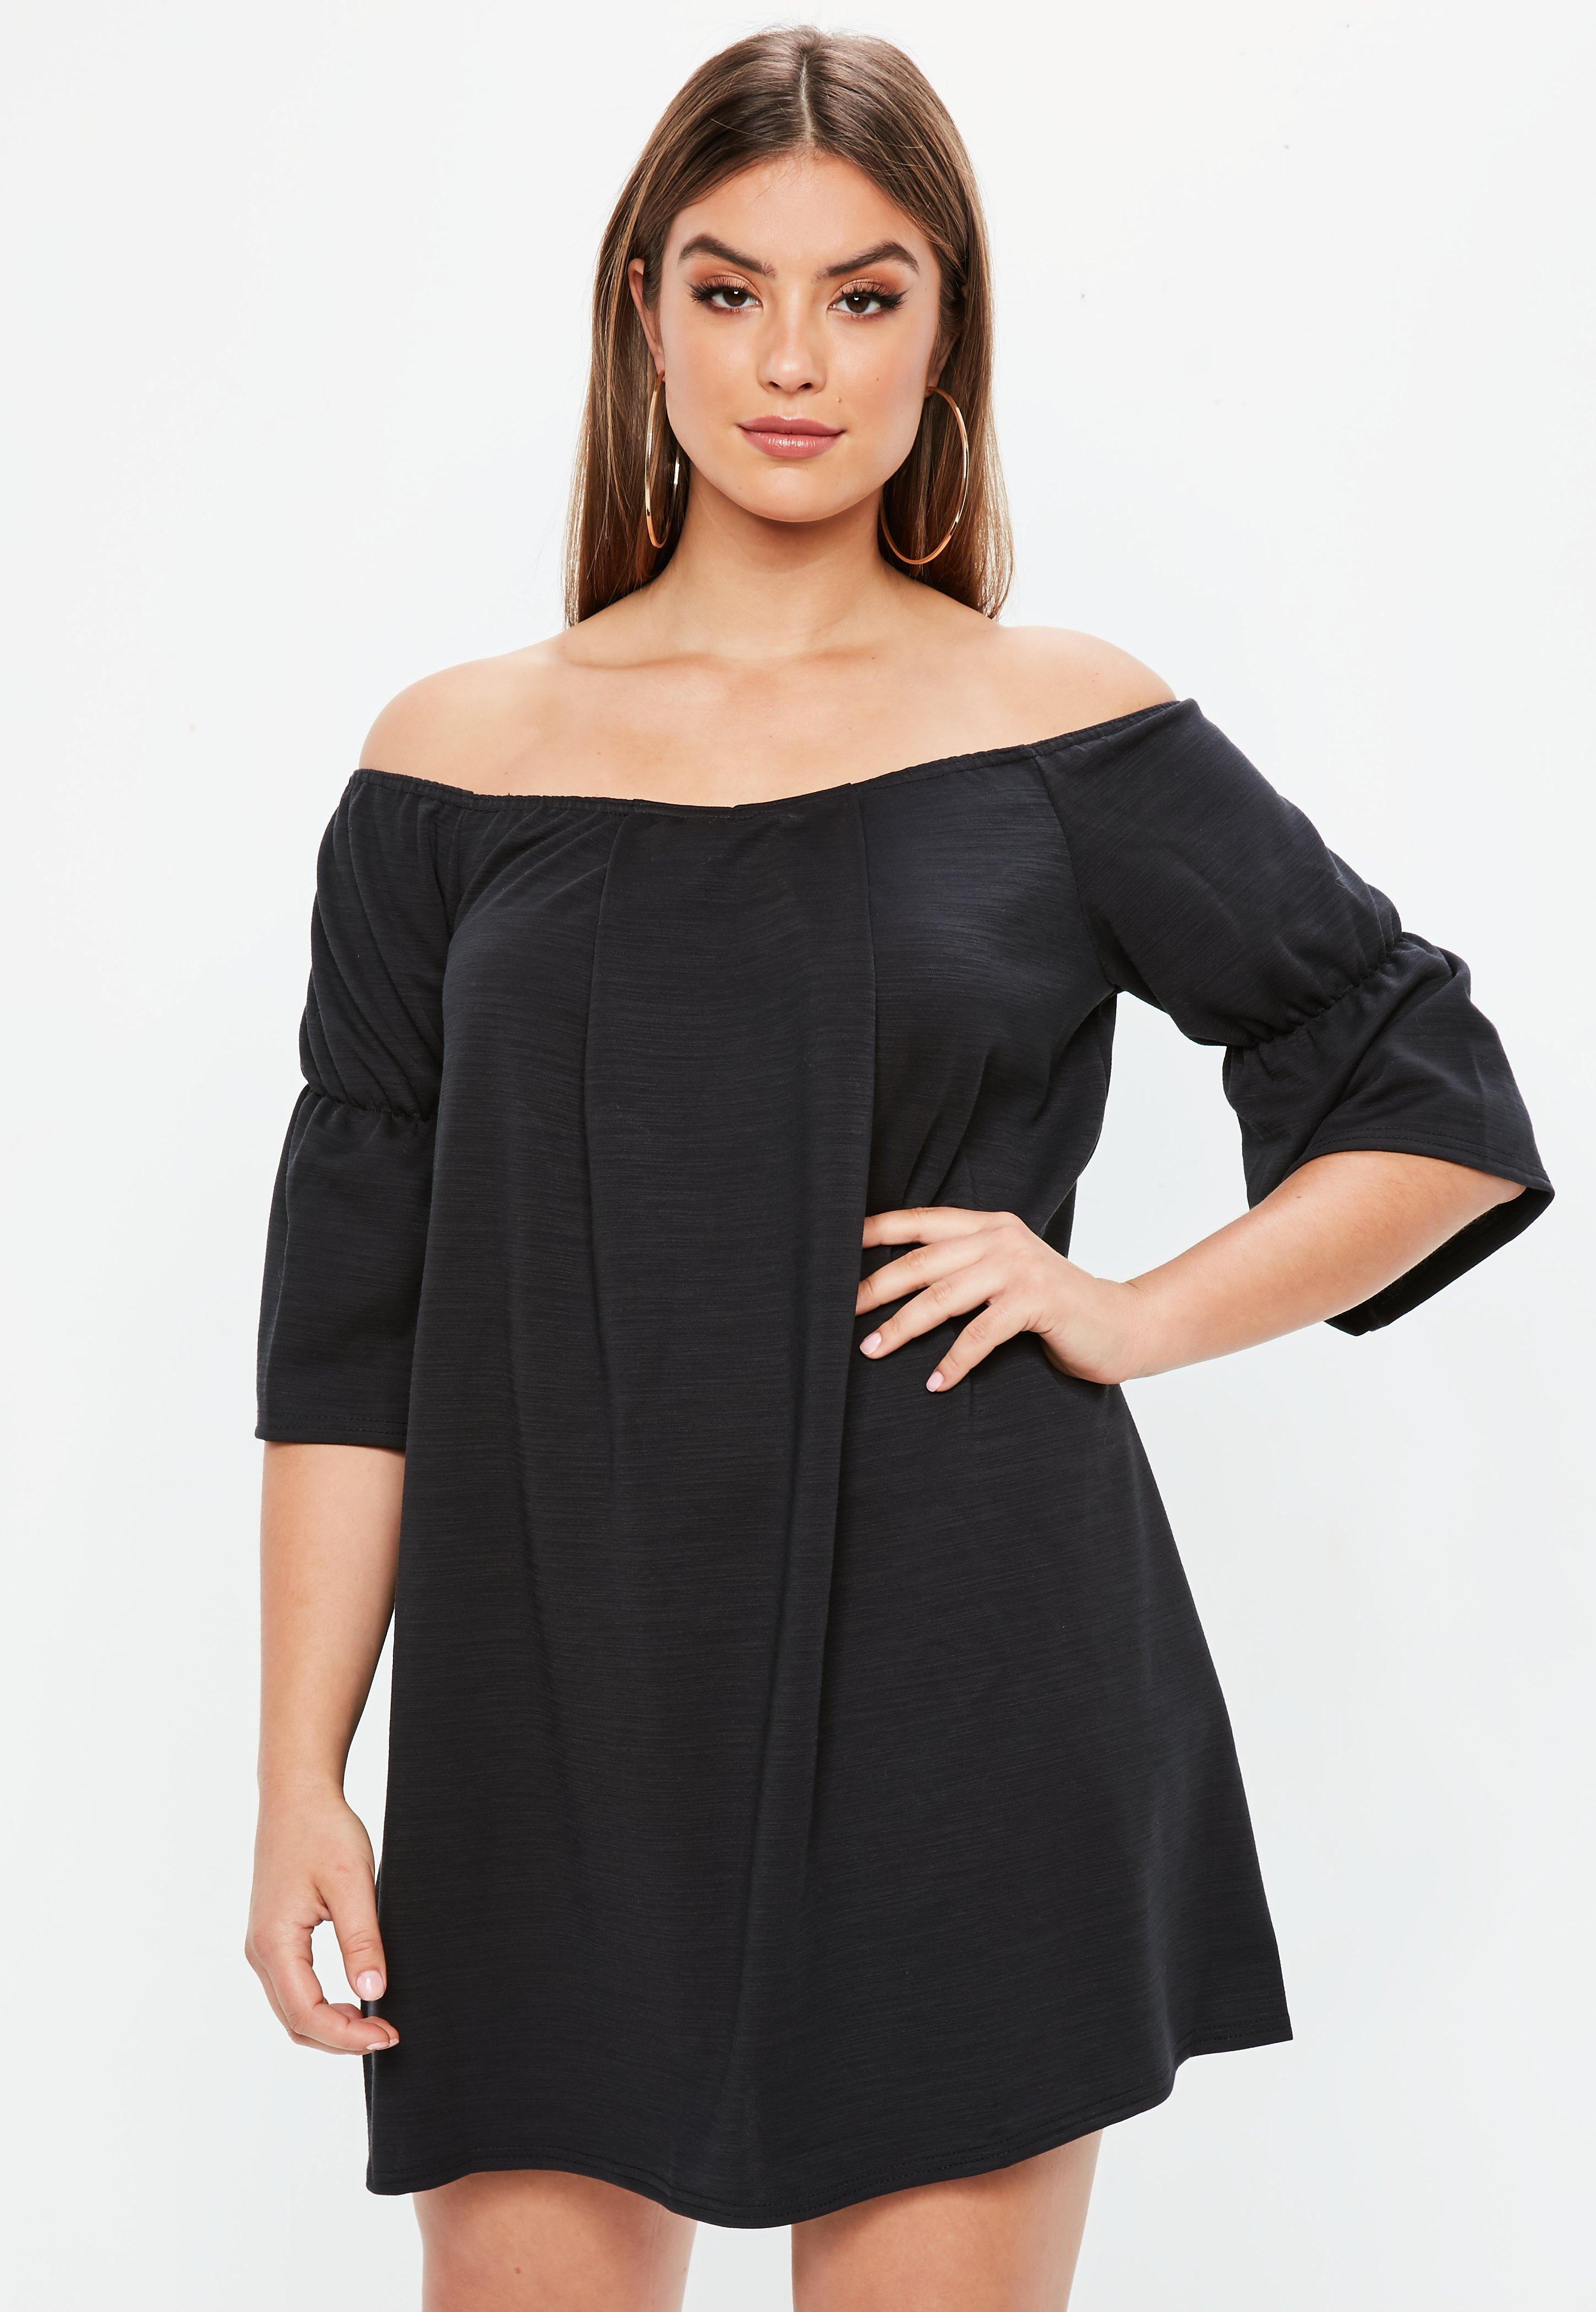 Fein Plus Size Kleider Kanada Cocktail Zeitgenössisch - Hochzeit ...